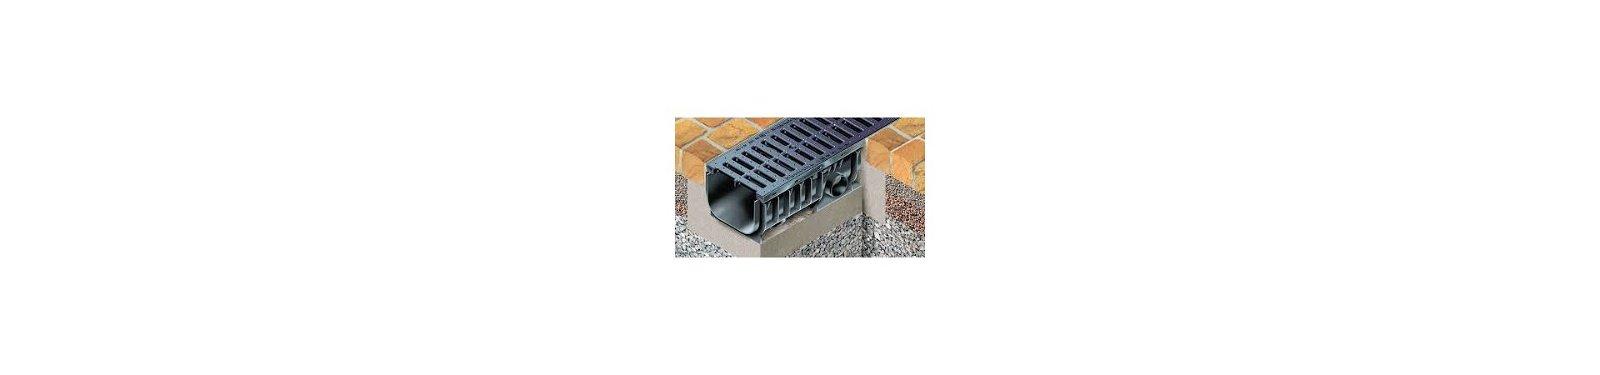 Drainage drains is een producent van oplossingen voor waterafvoer